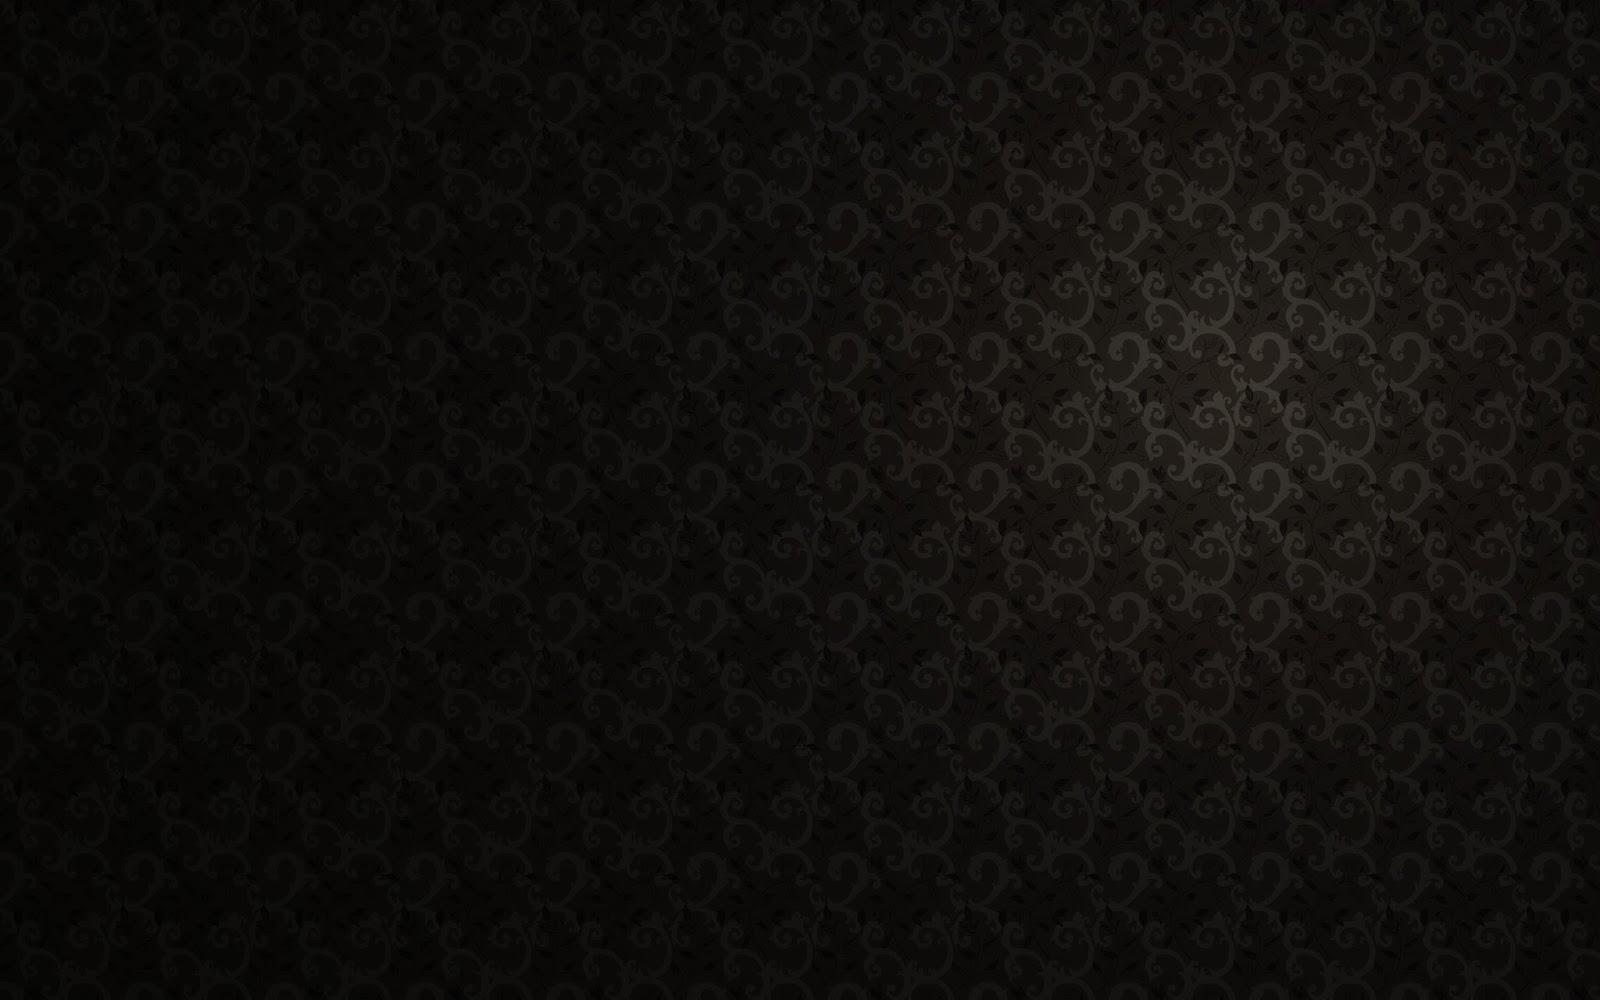 Black Wallpaper For Desktop